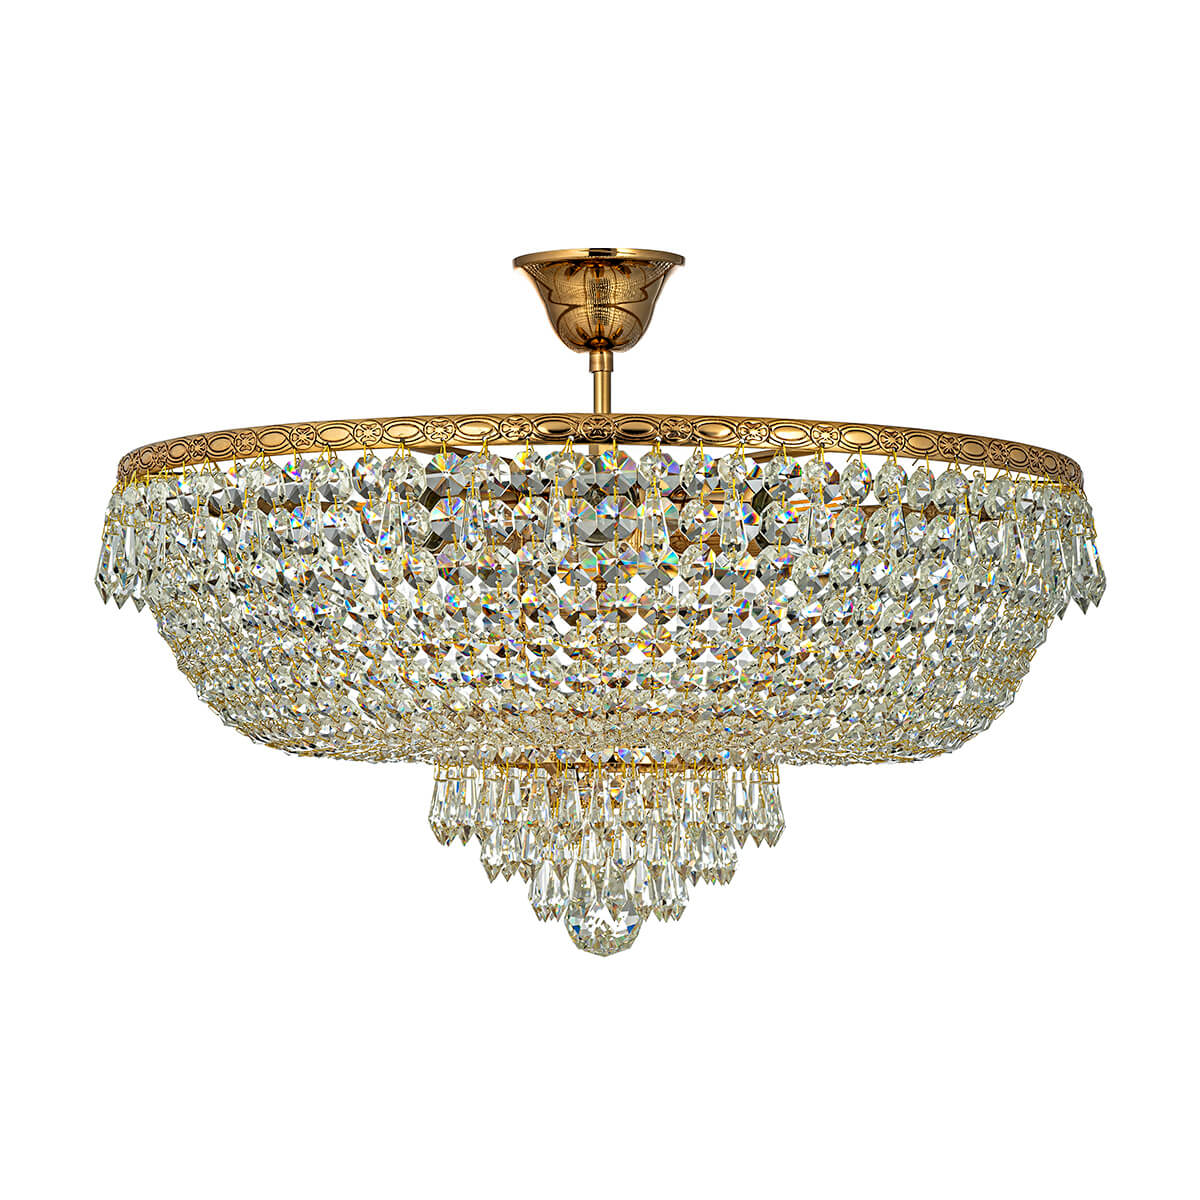 Потолочный светильник Arti Lampadari Nonna E 1.3.50.505 G цена и фото